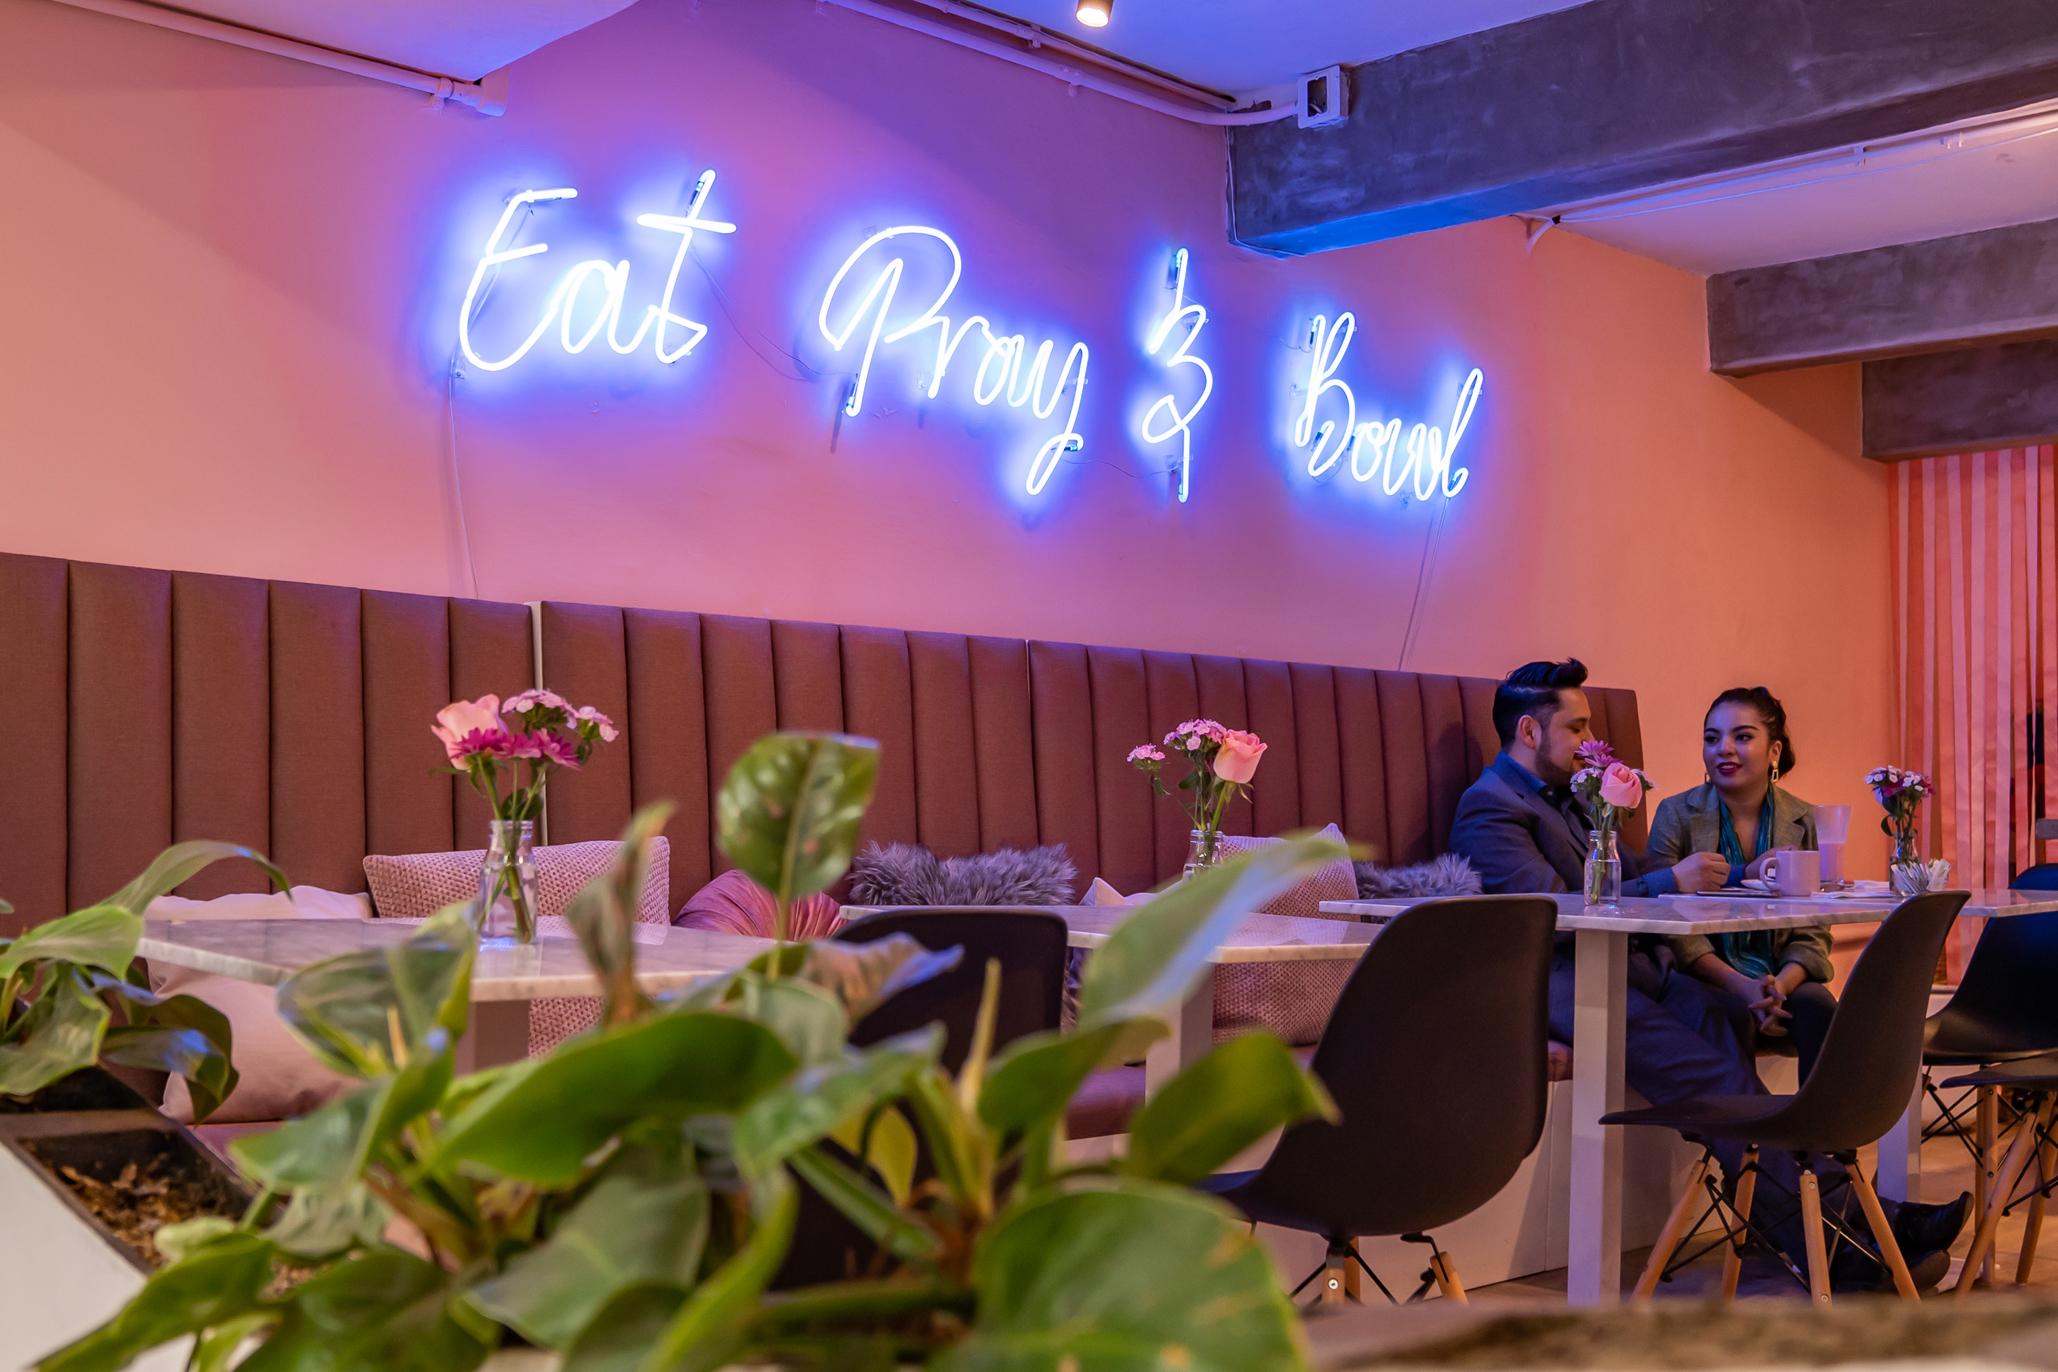 Flamingo Caffe: la cafetería inspirada en Chicas Pesadas